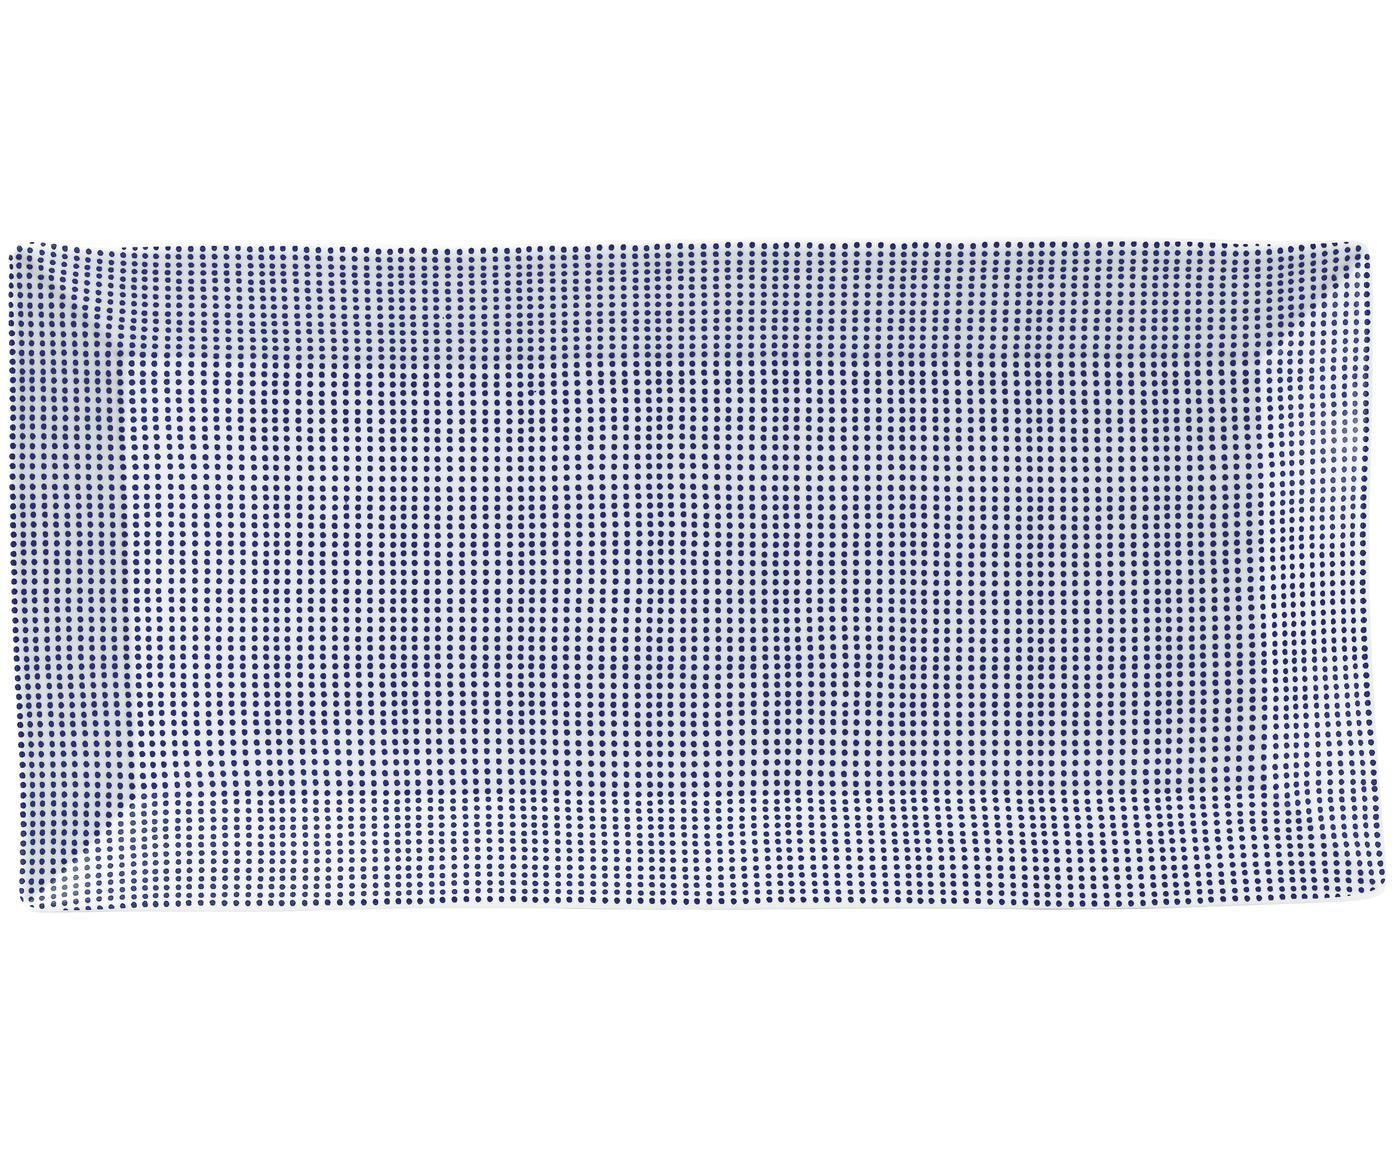 Servierplatte Pacific, Porzellan, Weiß, Blau, 18 x 39 cm